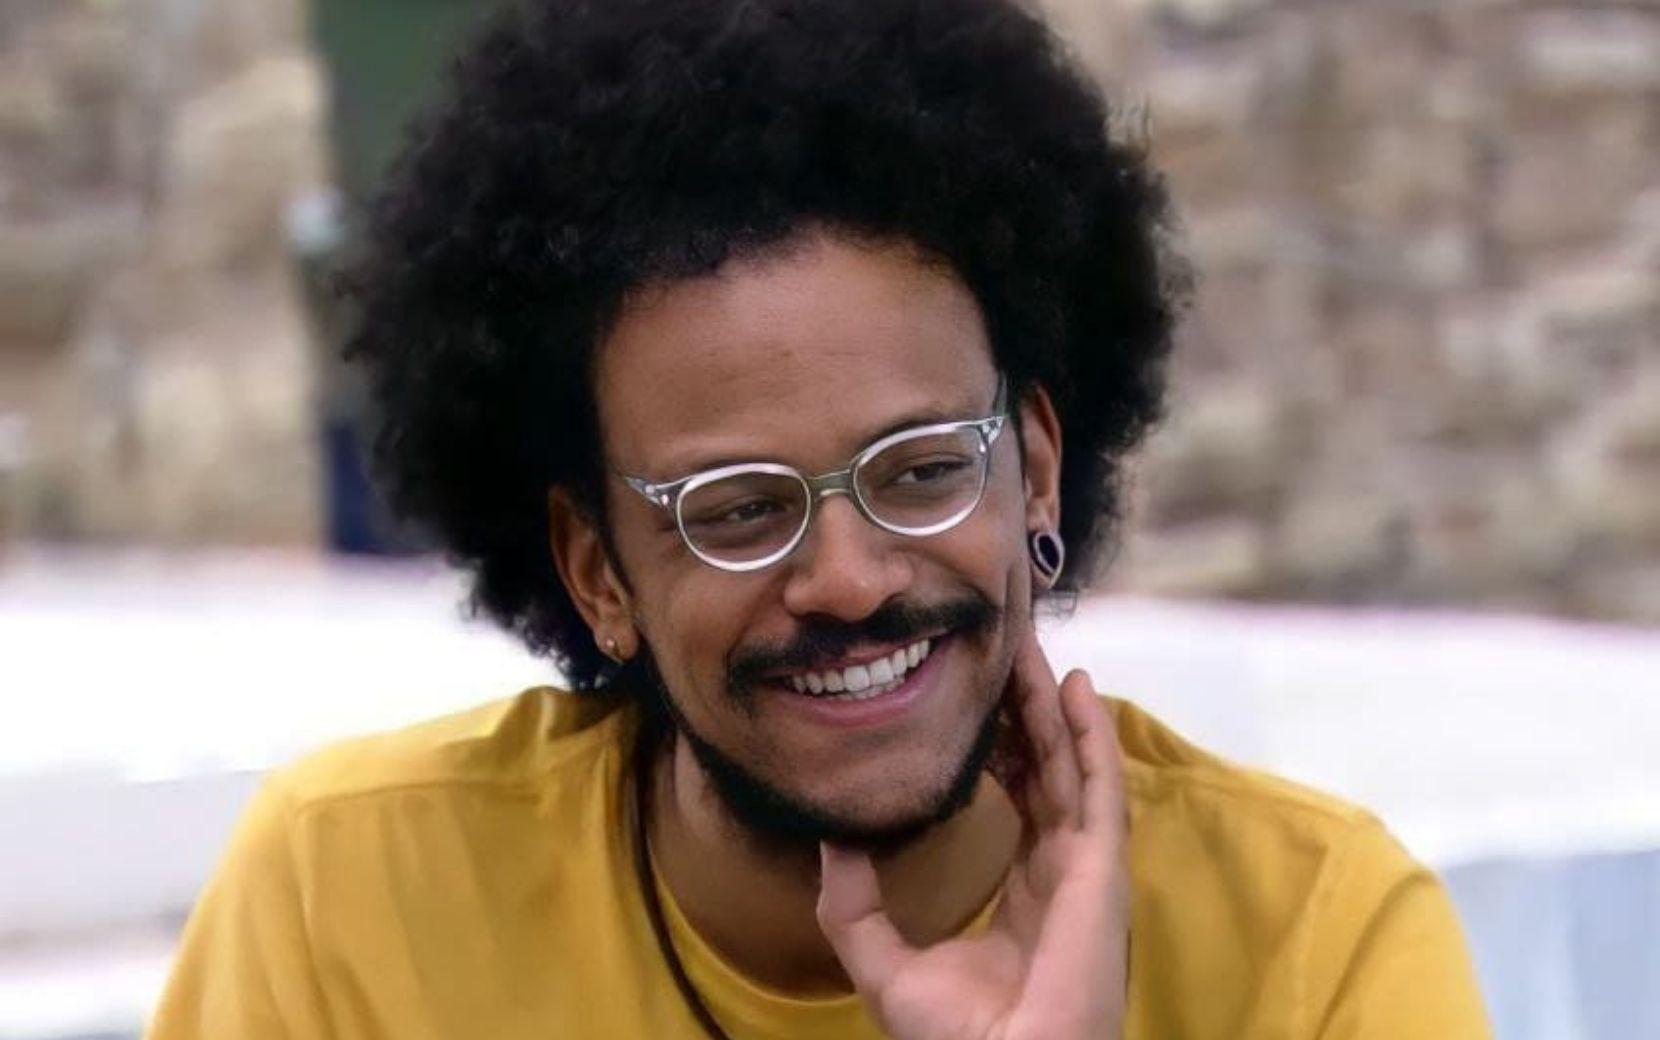 """BBB21: João Luiz comenta Jogo da Discórdia: """"Estou muito orgulhoso de mim"""""""